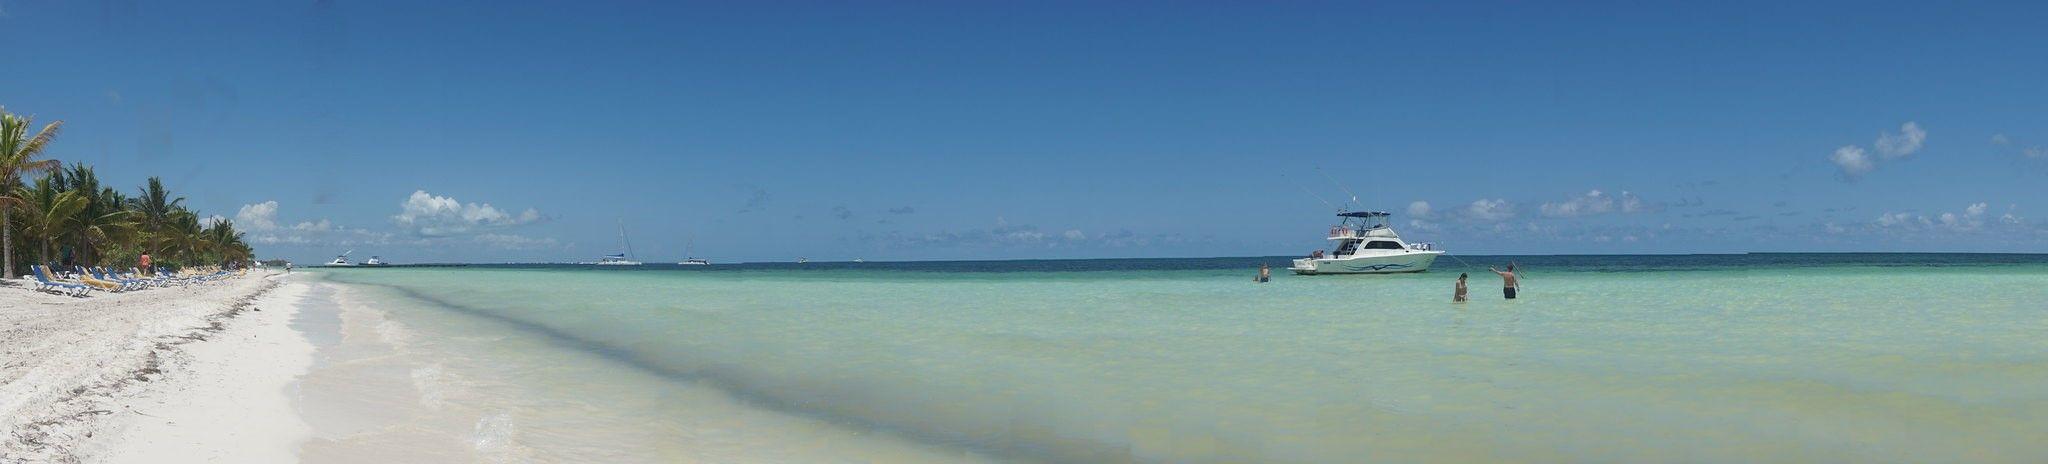 Playas paradisíacas de Cuba: Varadero por Constanza Gajardo León